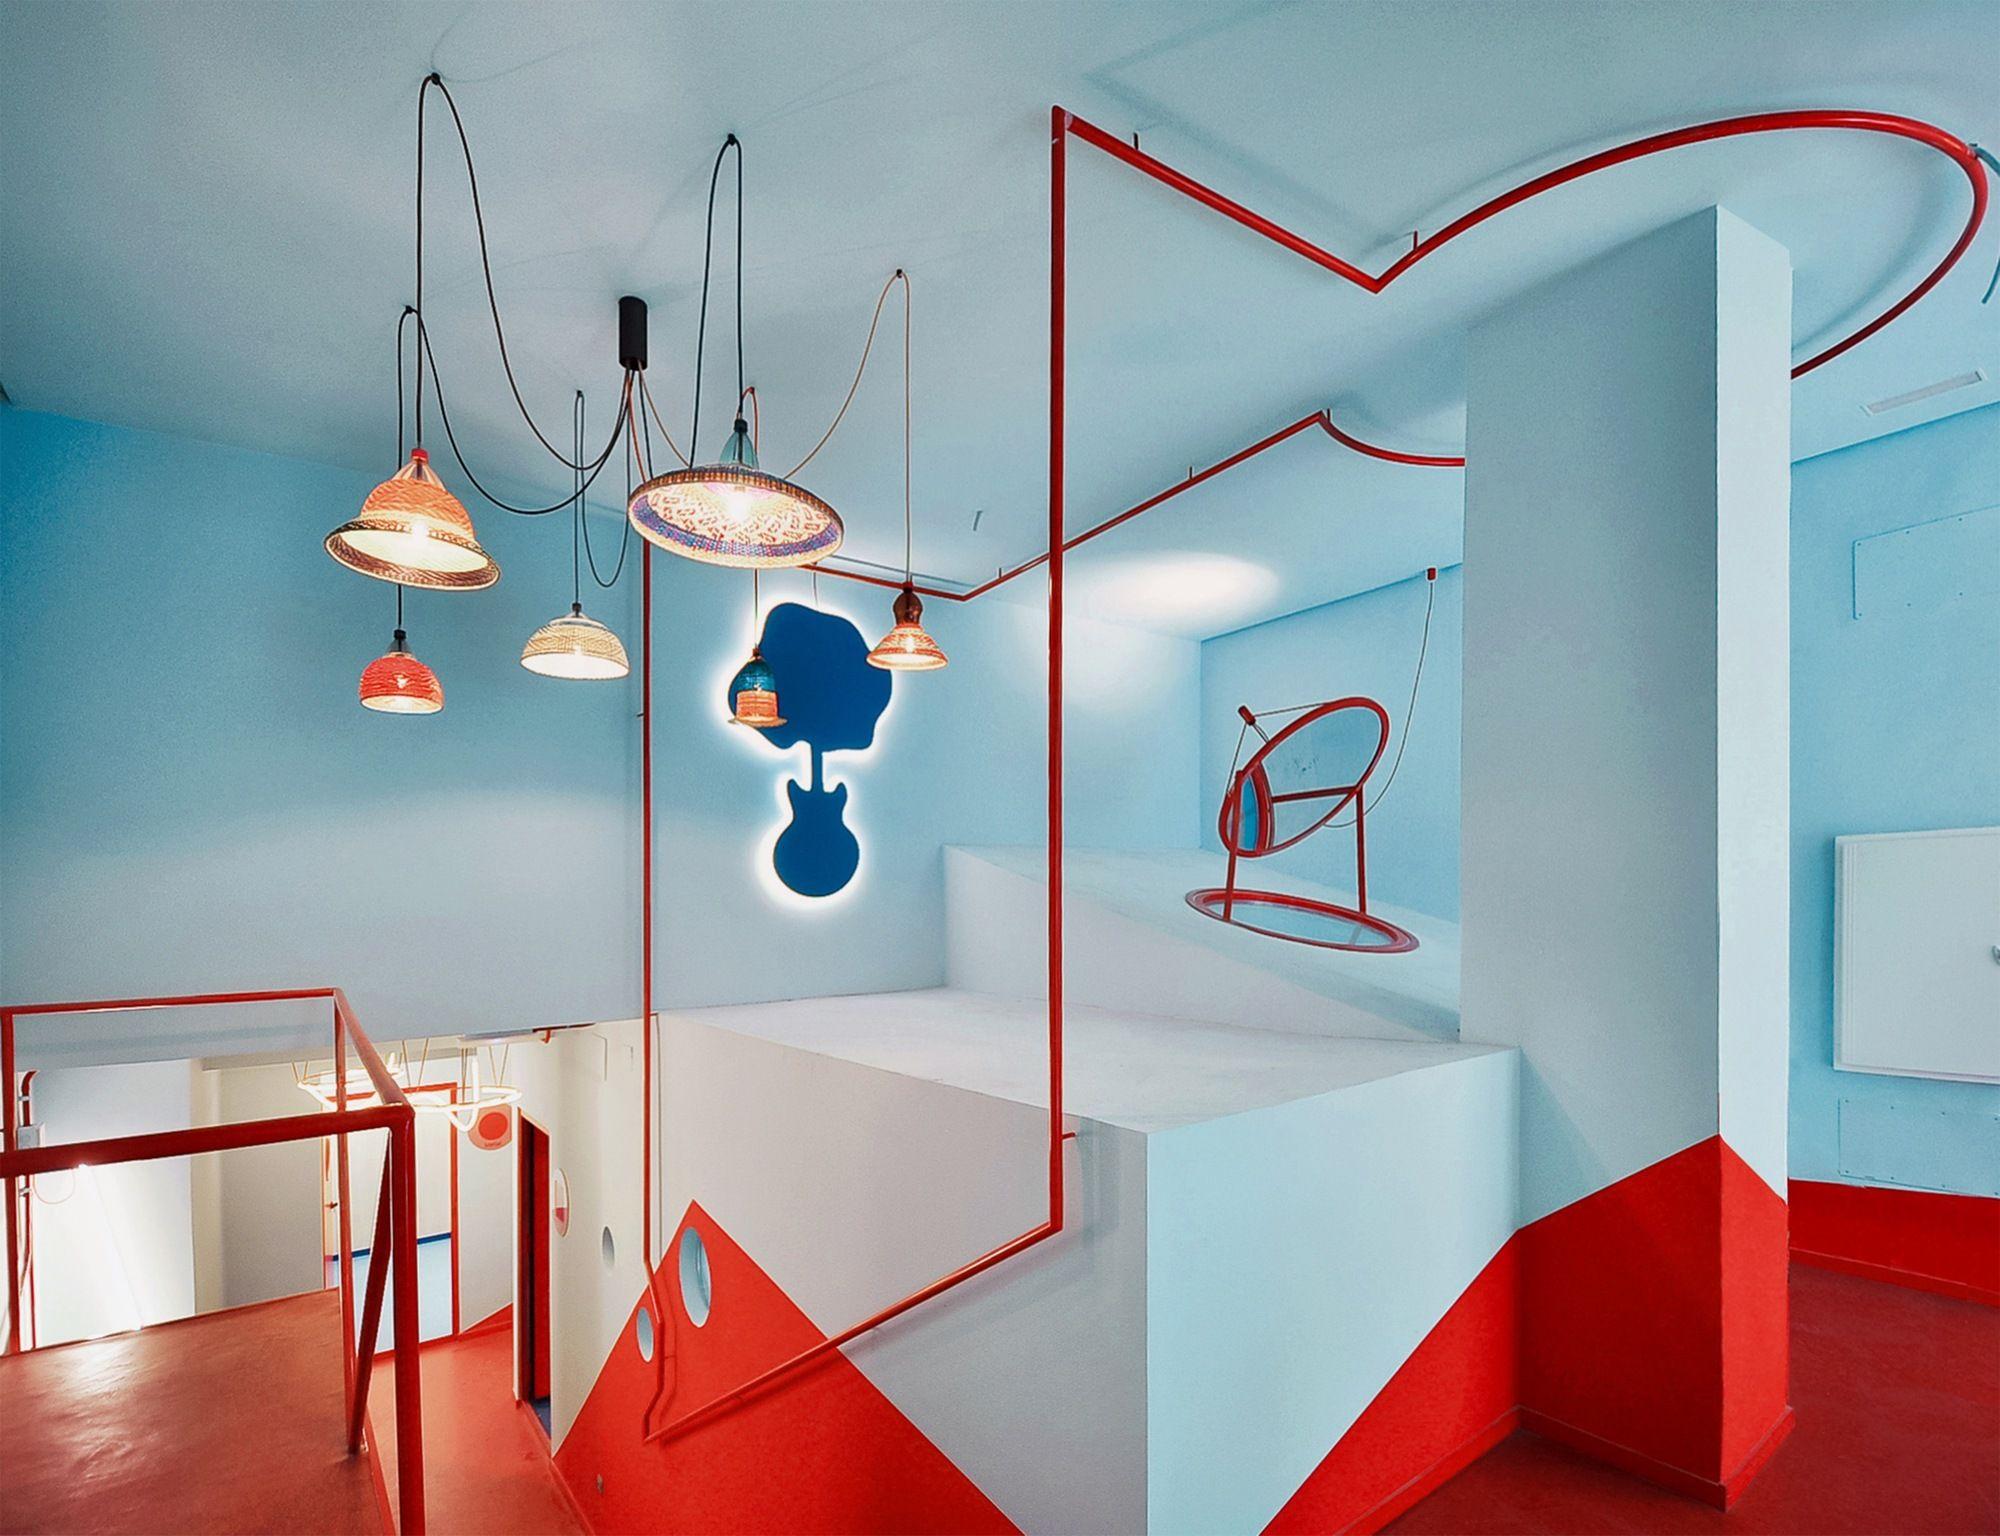 Musicality school manuel collado arpia contemporary architecture amazing architecture interior architecture music